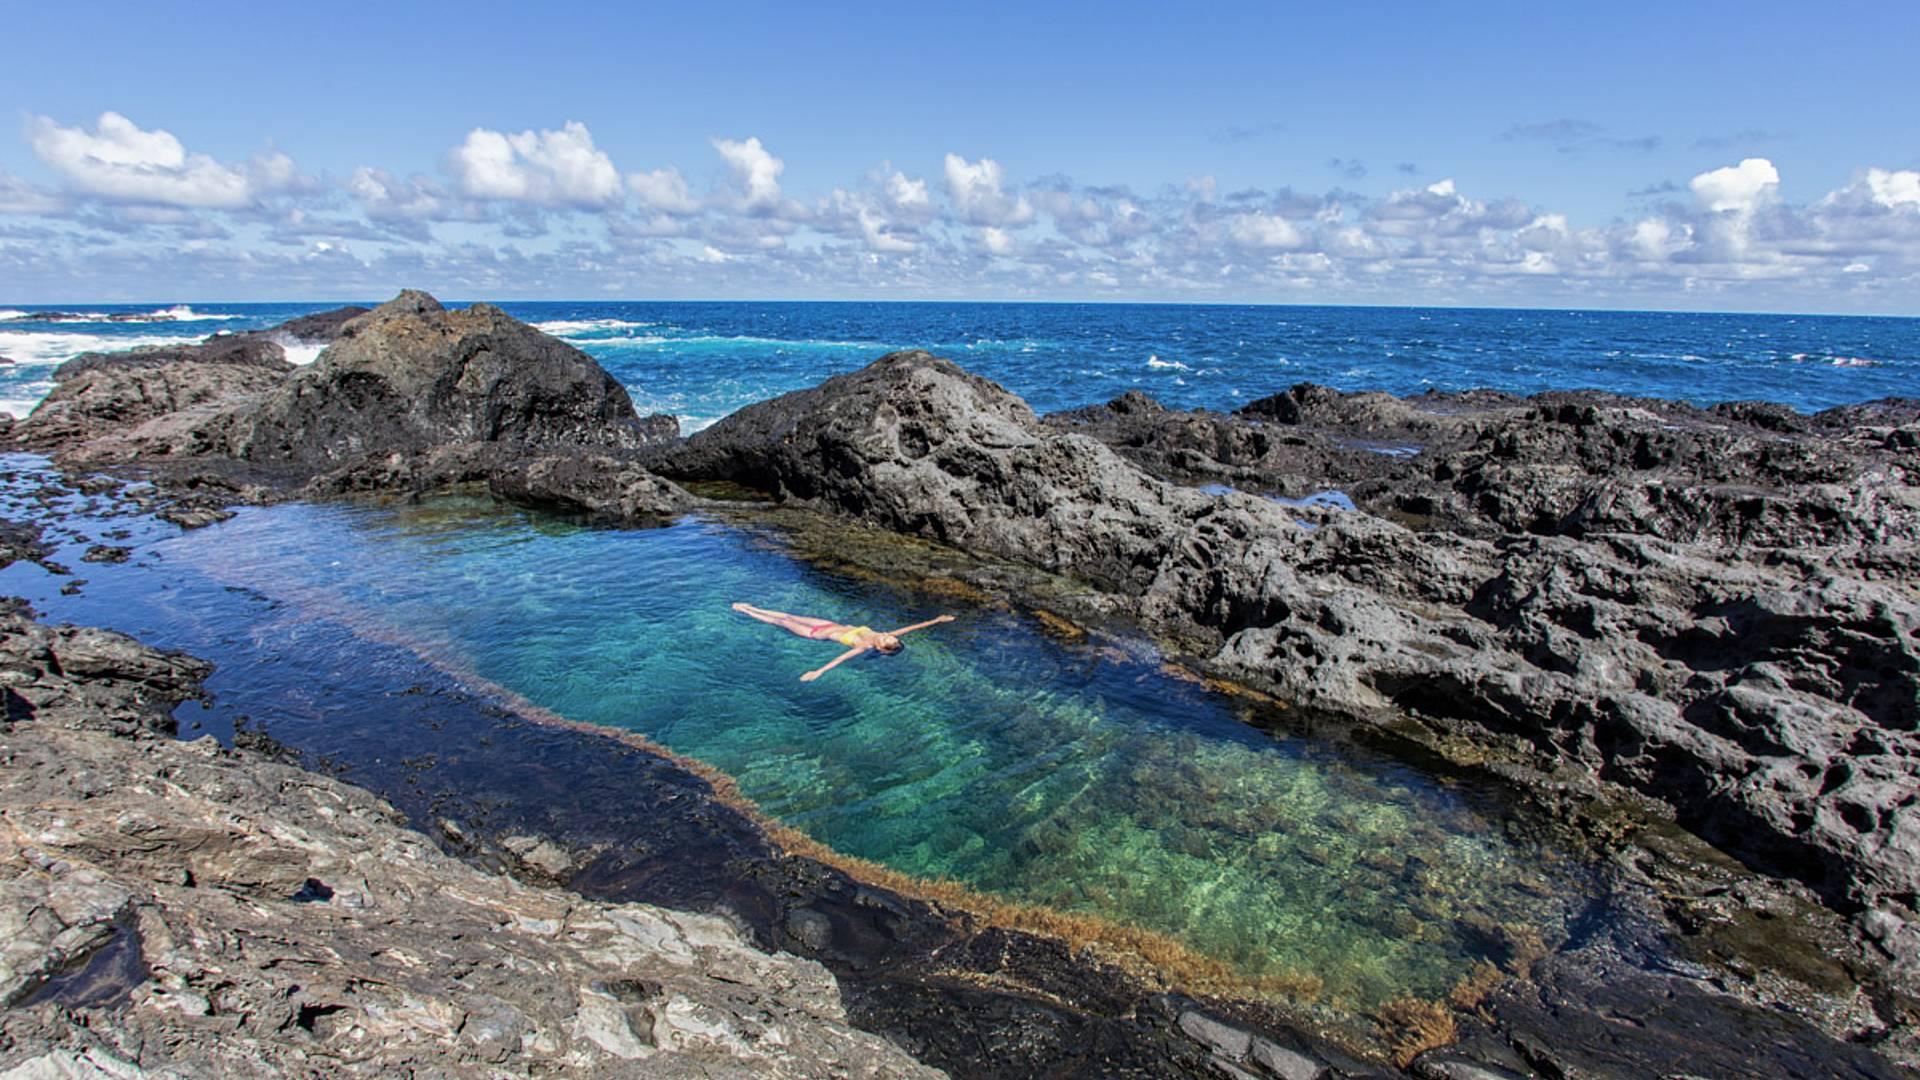 Les Trésors de Maui